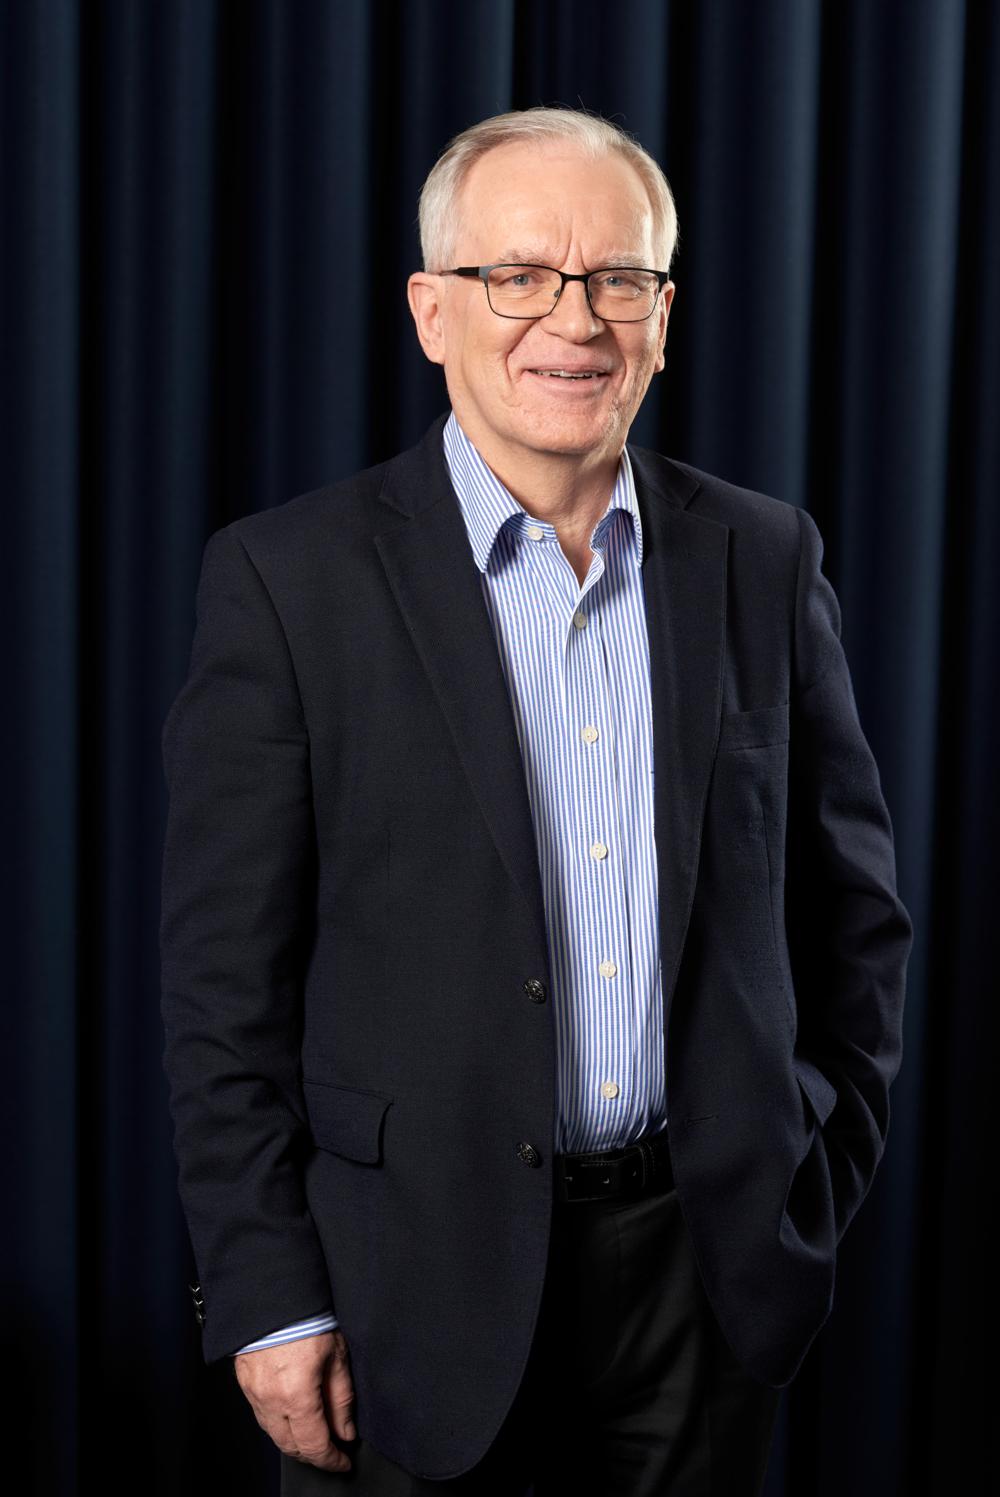 Jarmo Väisänen